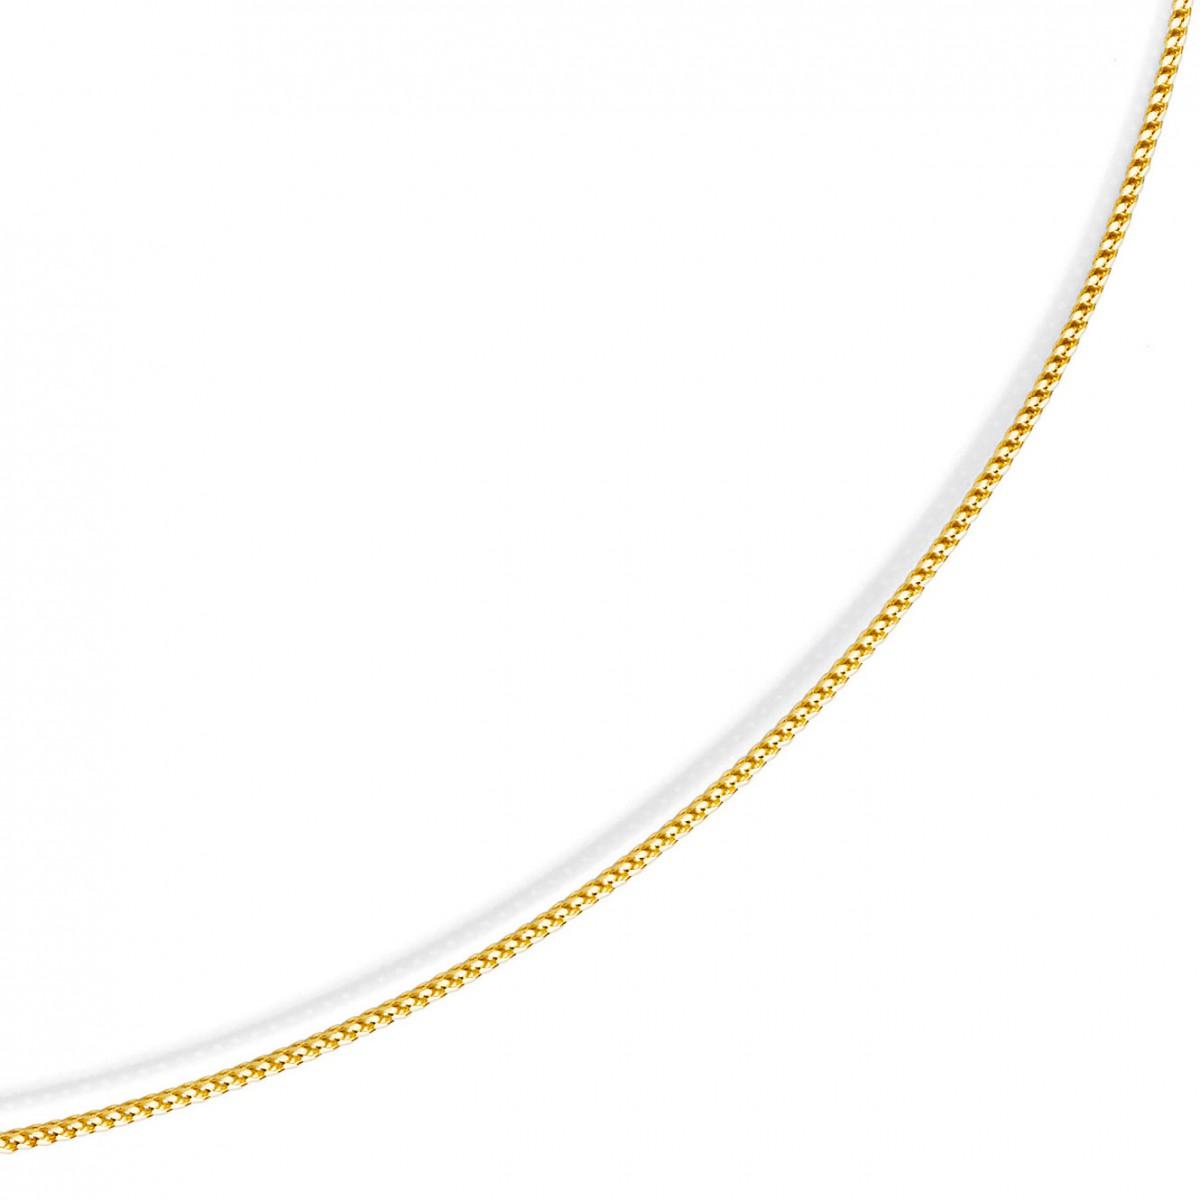 1 2mm feine bingokette 585 gold gelbgold kette collier halskette 38cm goldkette kategorien. Black Bedroom Furniture Sets. Home Design Ideas